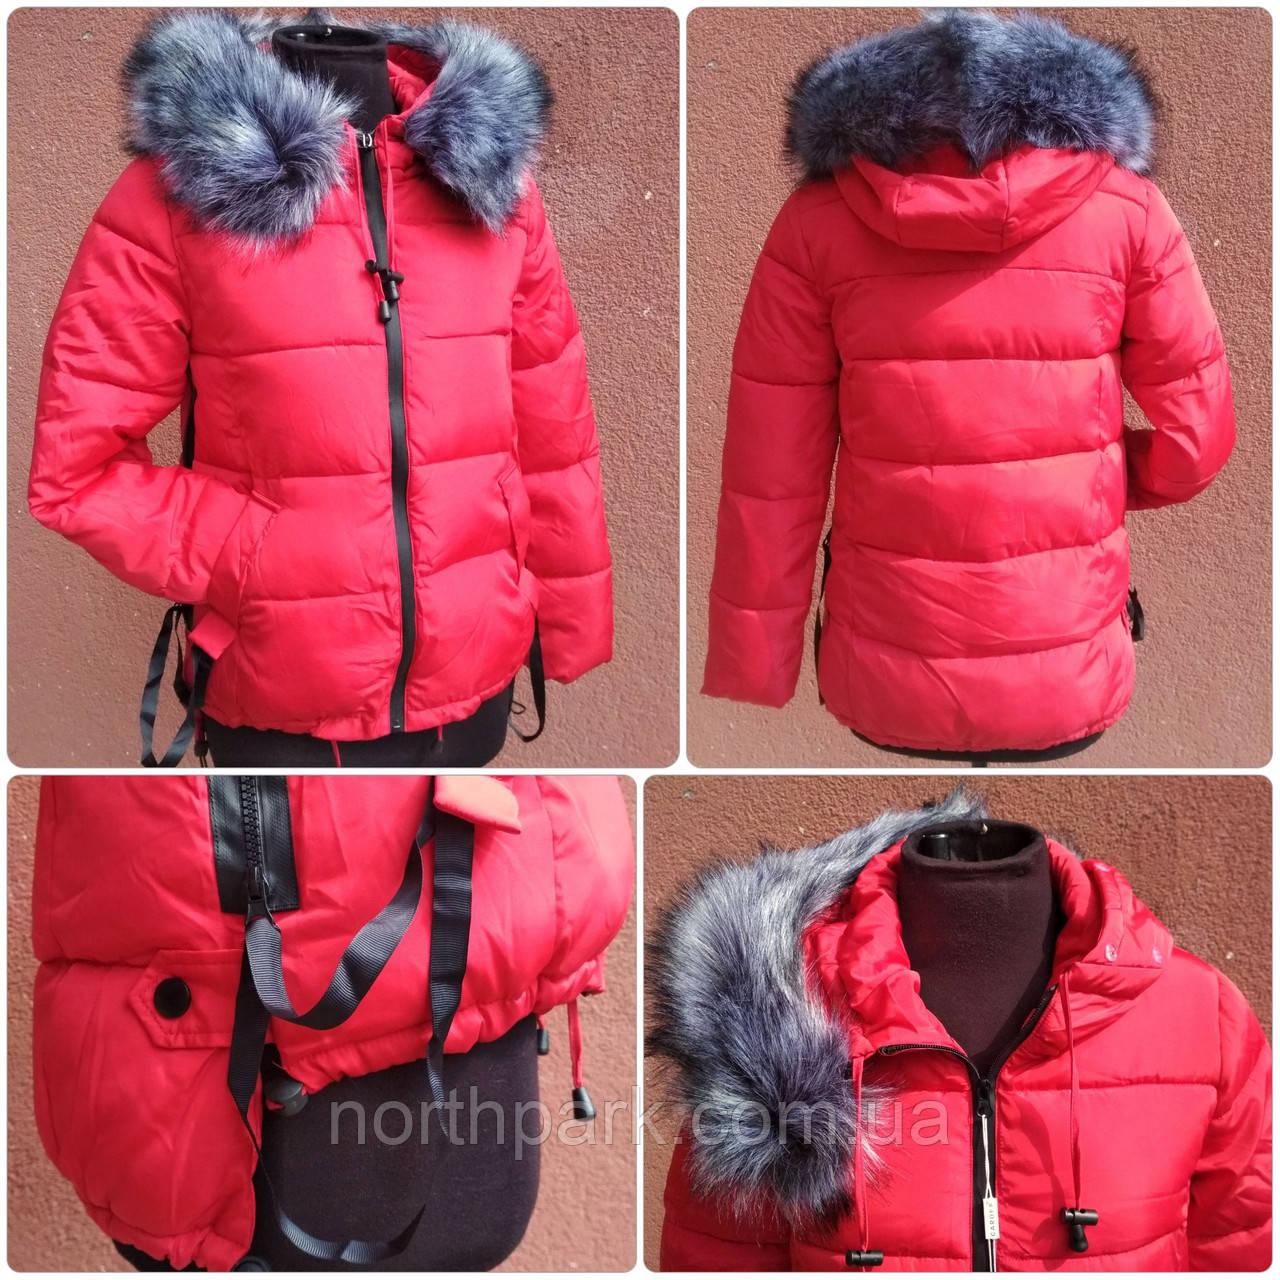 Тёплая спортивная короткая женская куртка, размеры M, XL